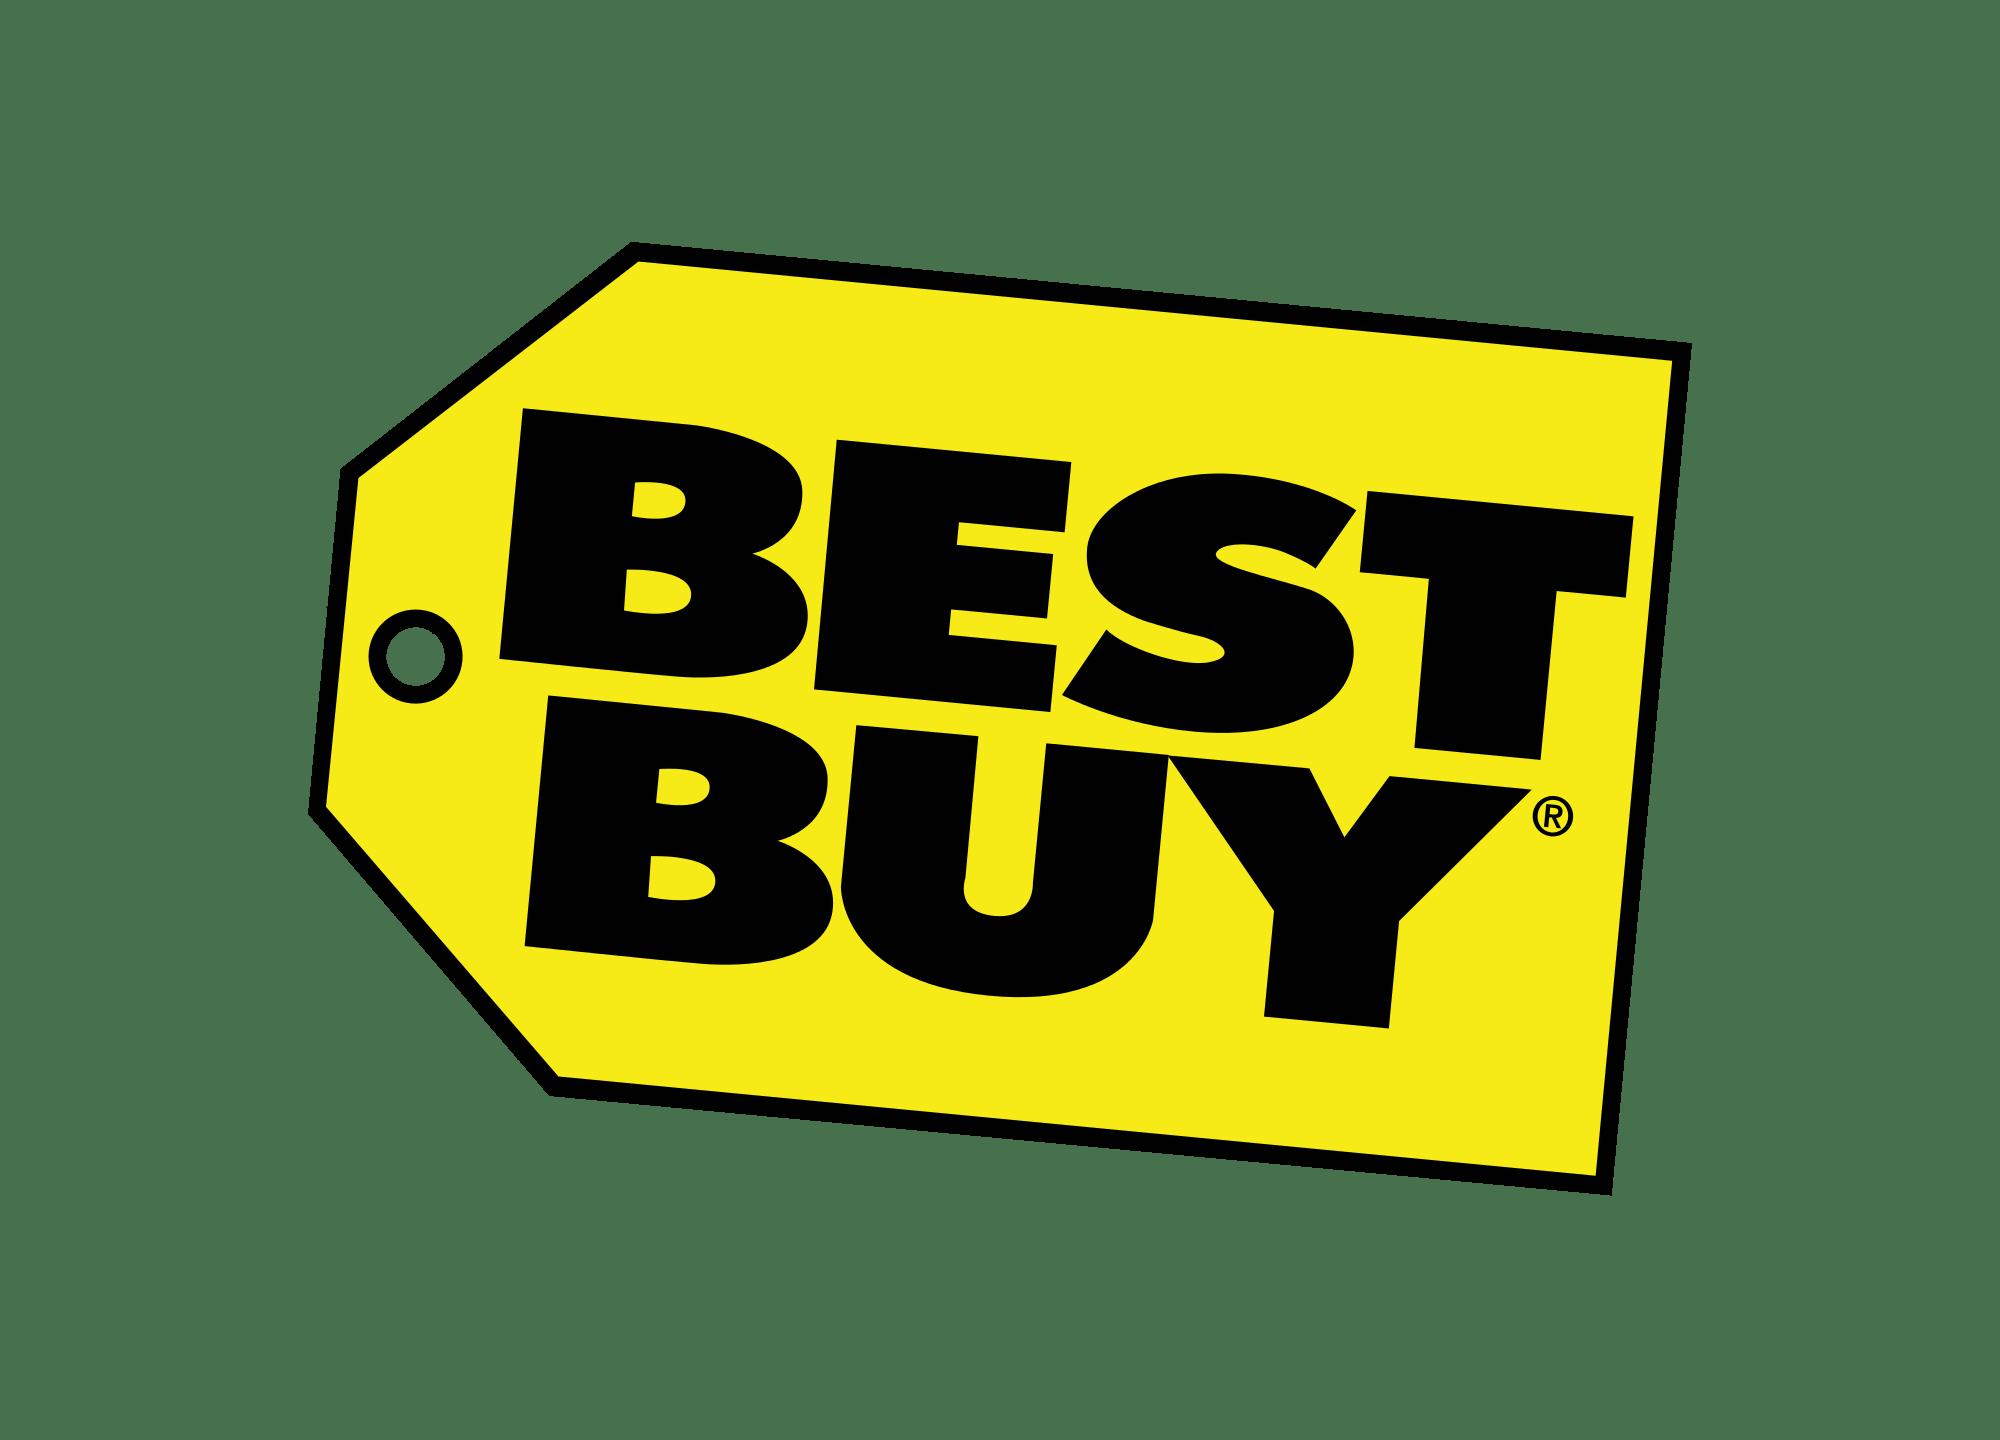 BEST BUY_1548449615295.png.jpg